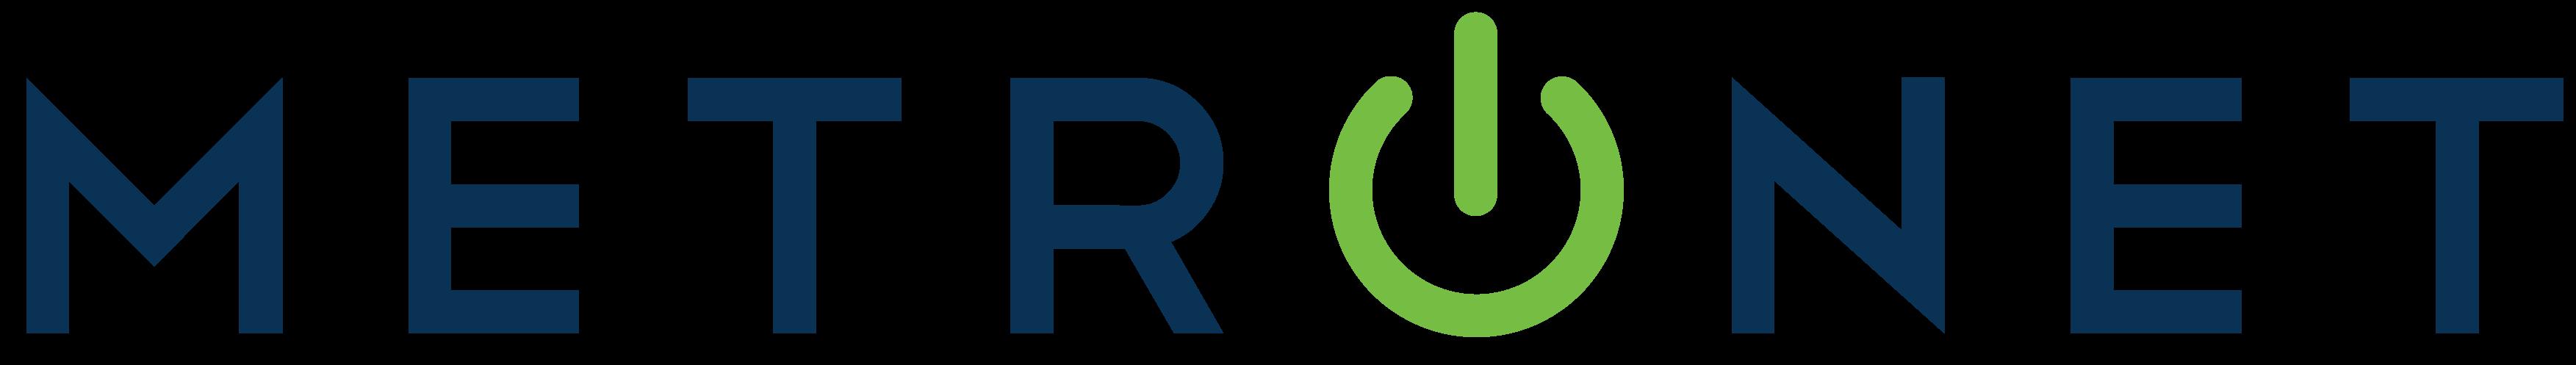 Metronet logo.